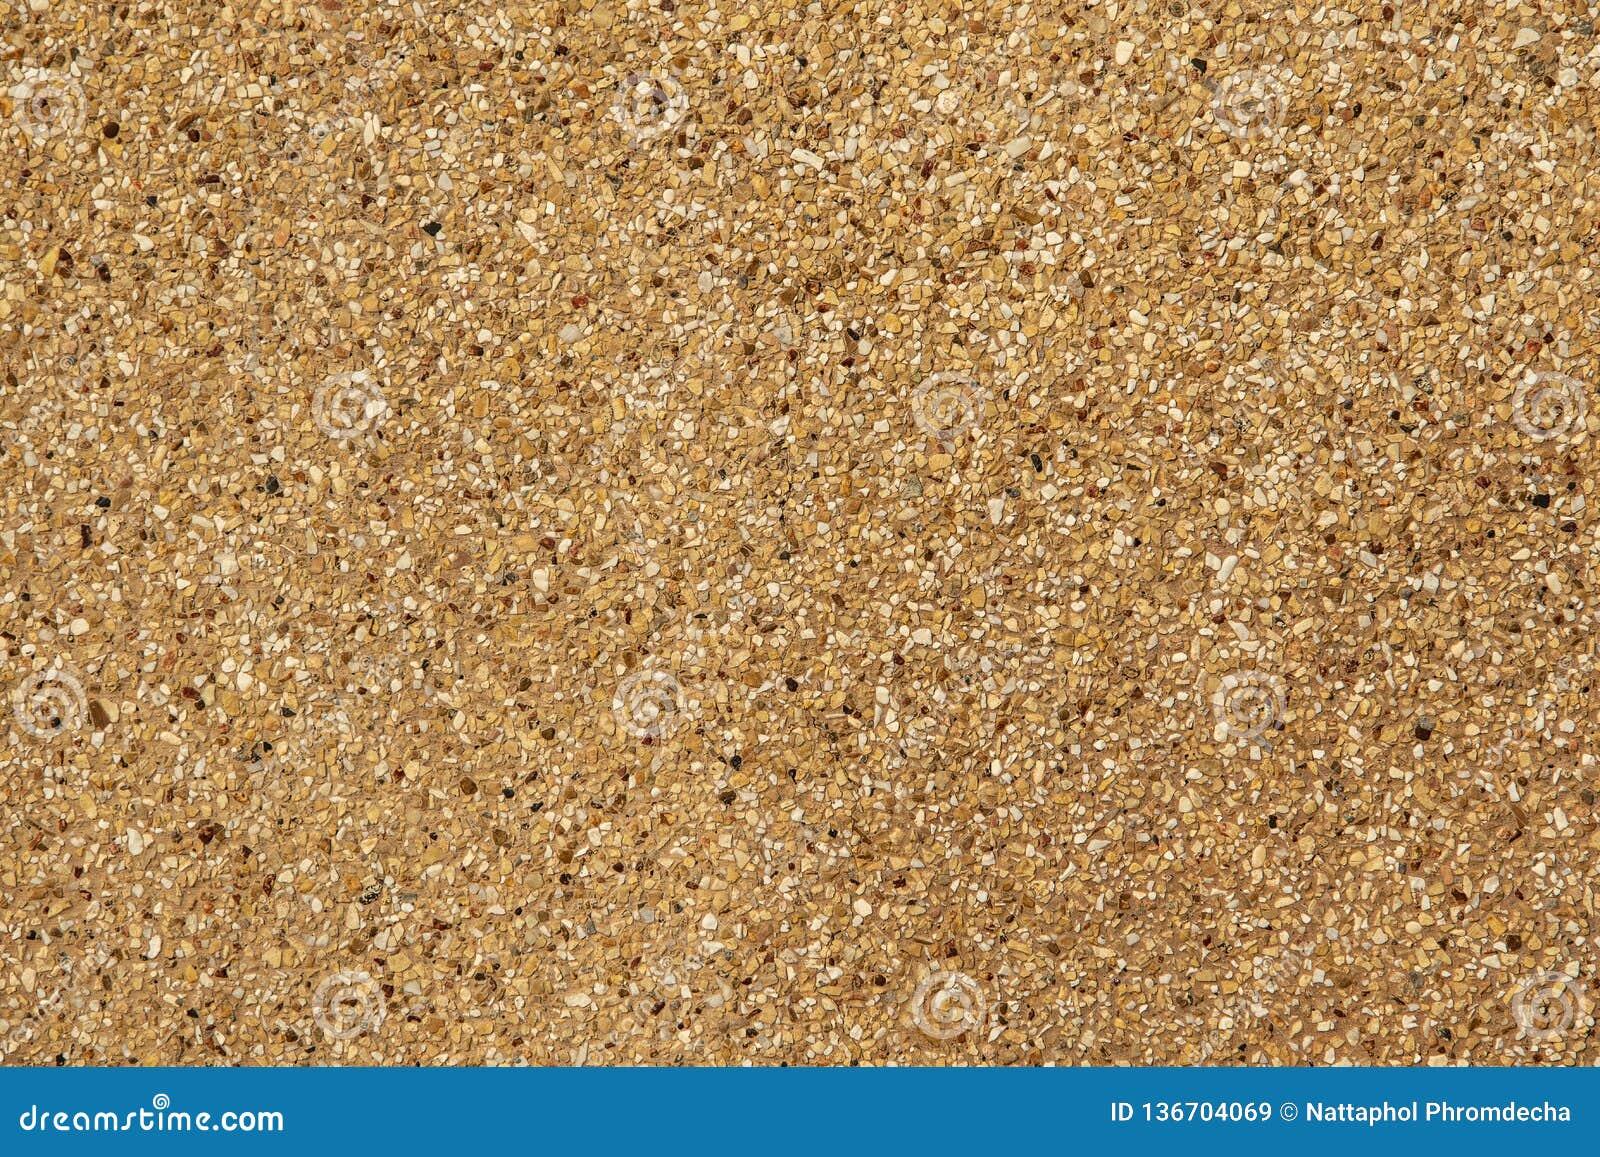 Odsłonięty łączny koniec Myjący piasek Tekstura i tło